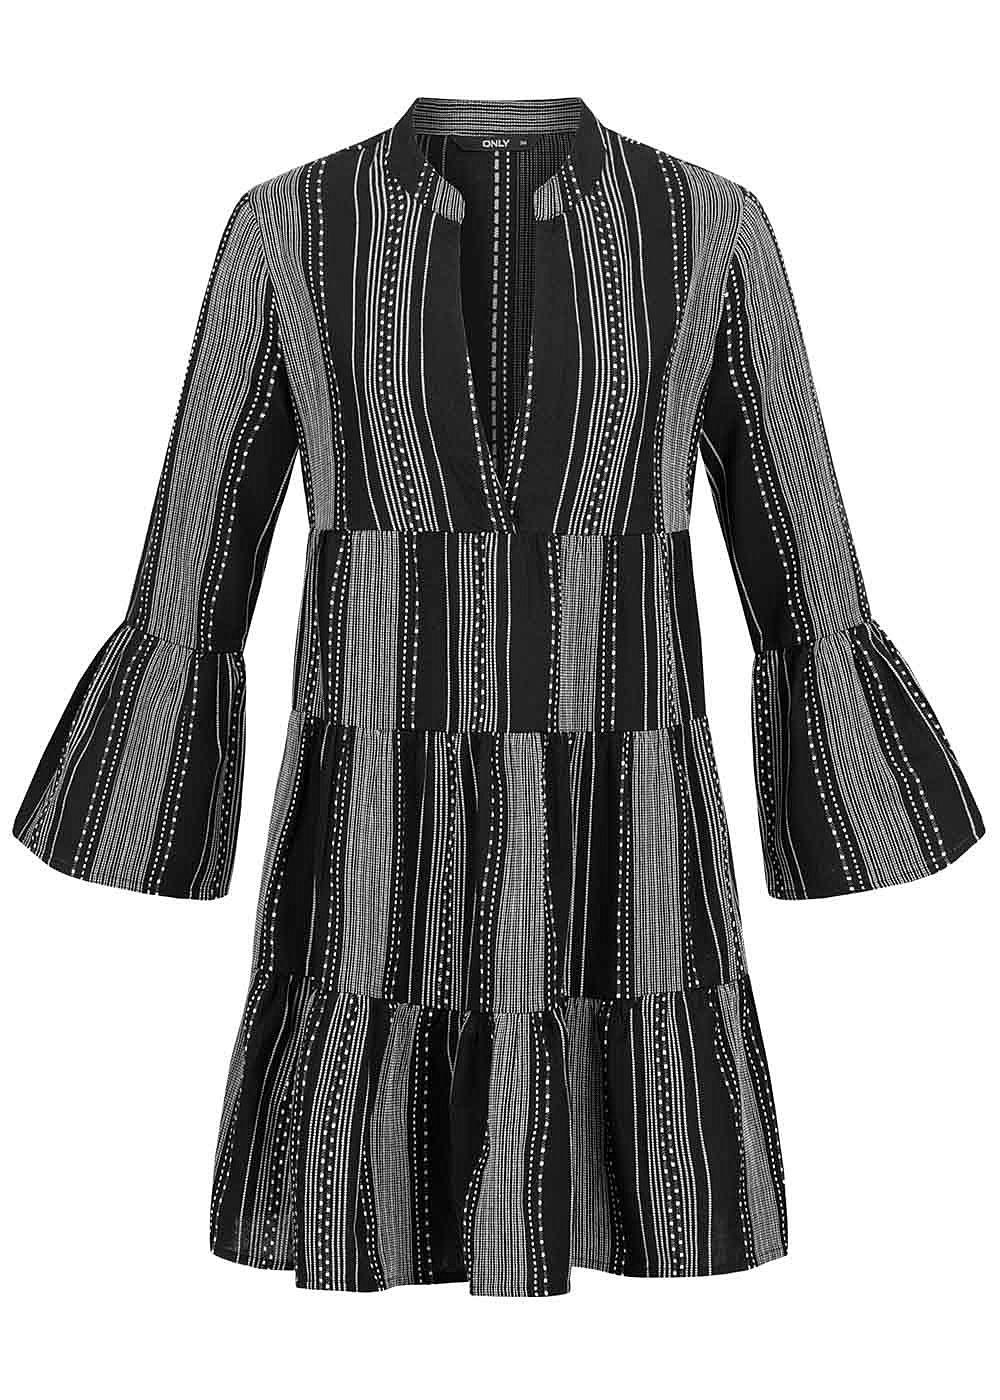 ONLY Damen 20/20 Arm V-Neck Puffer Kleid Streifenstickerei schwarz weiss